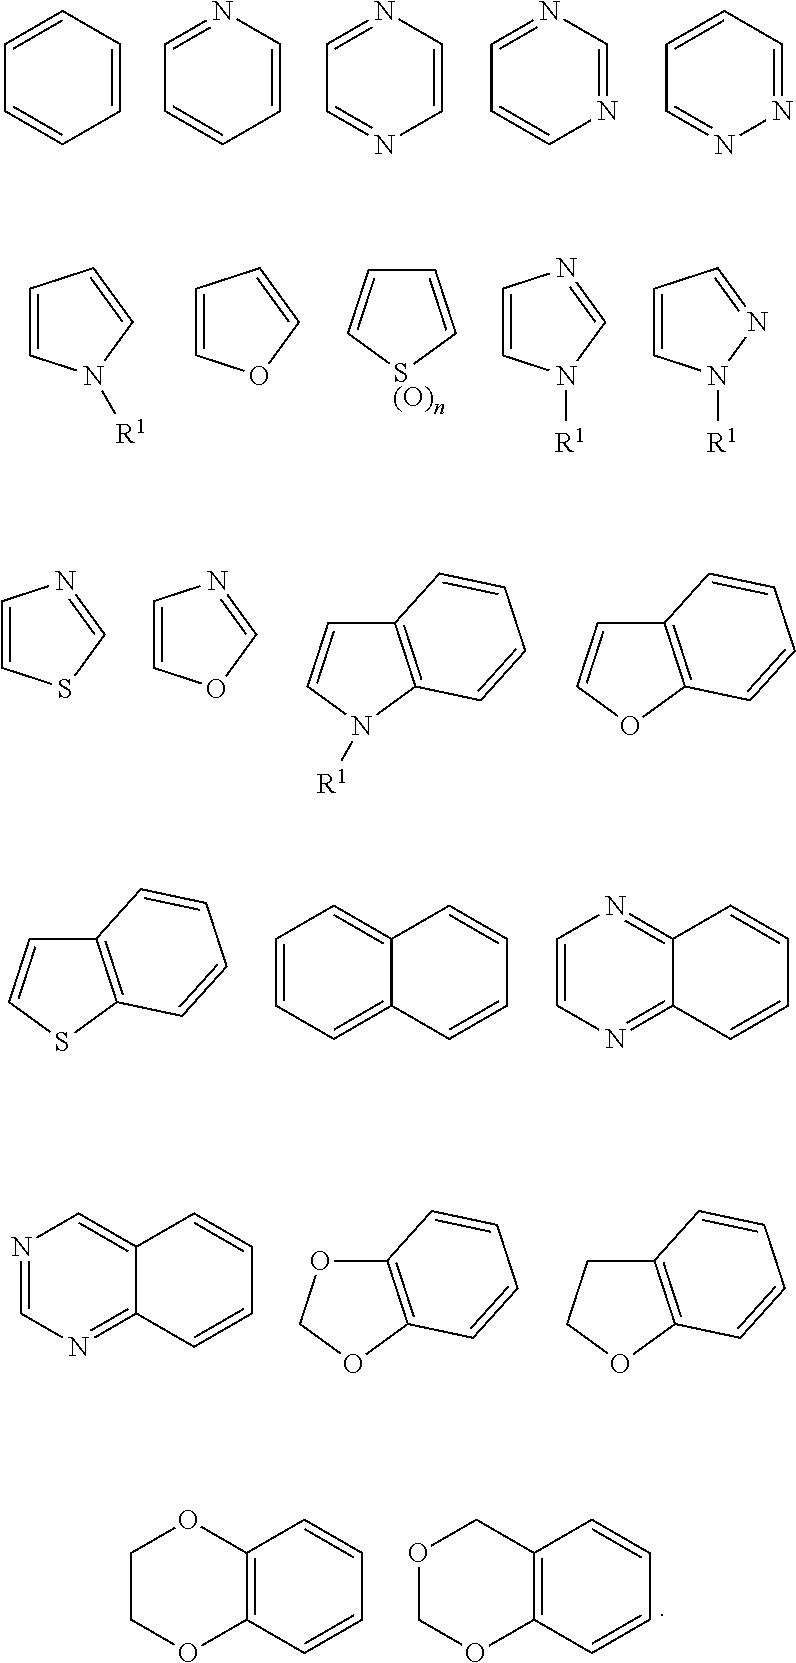 Figure US09475801-20161025-C00007